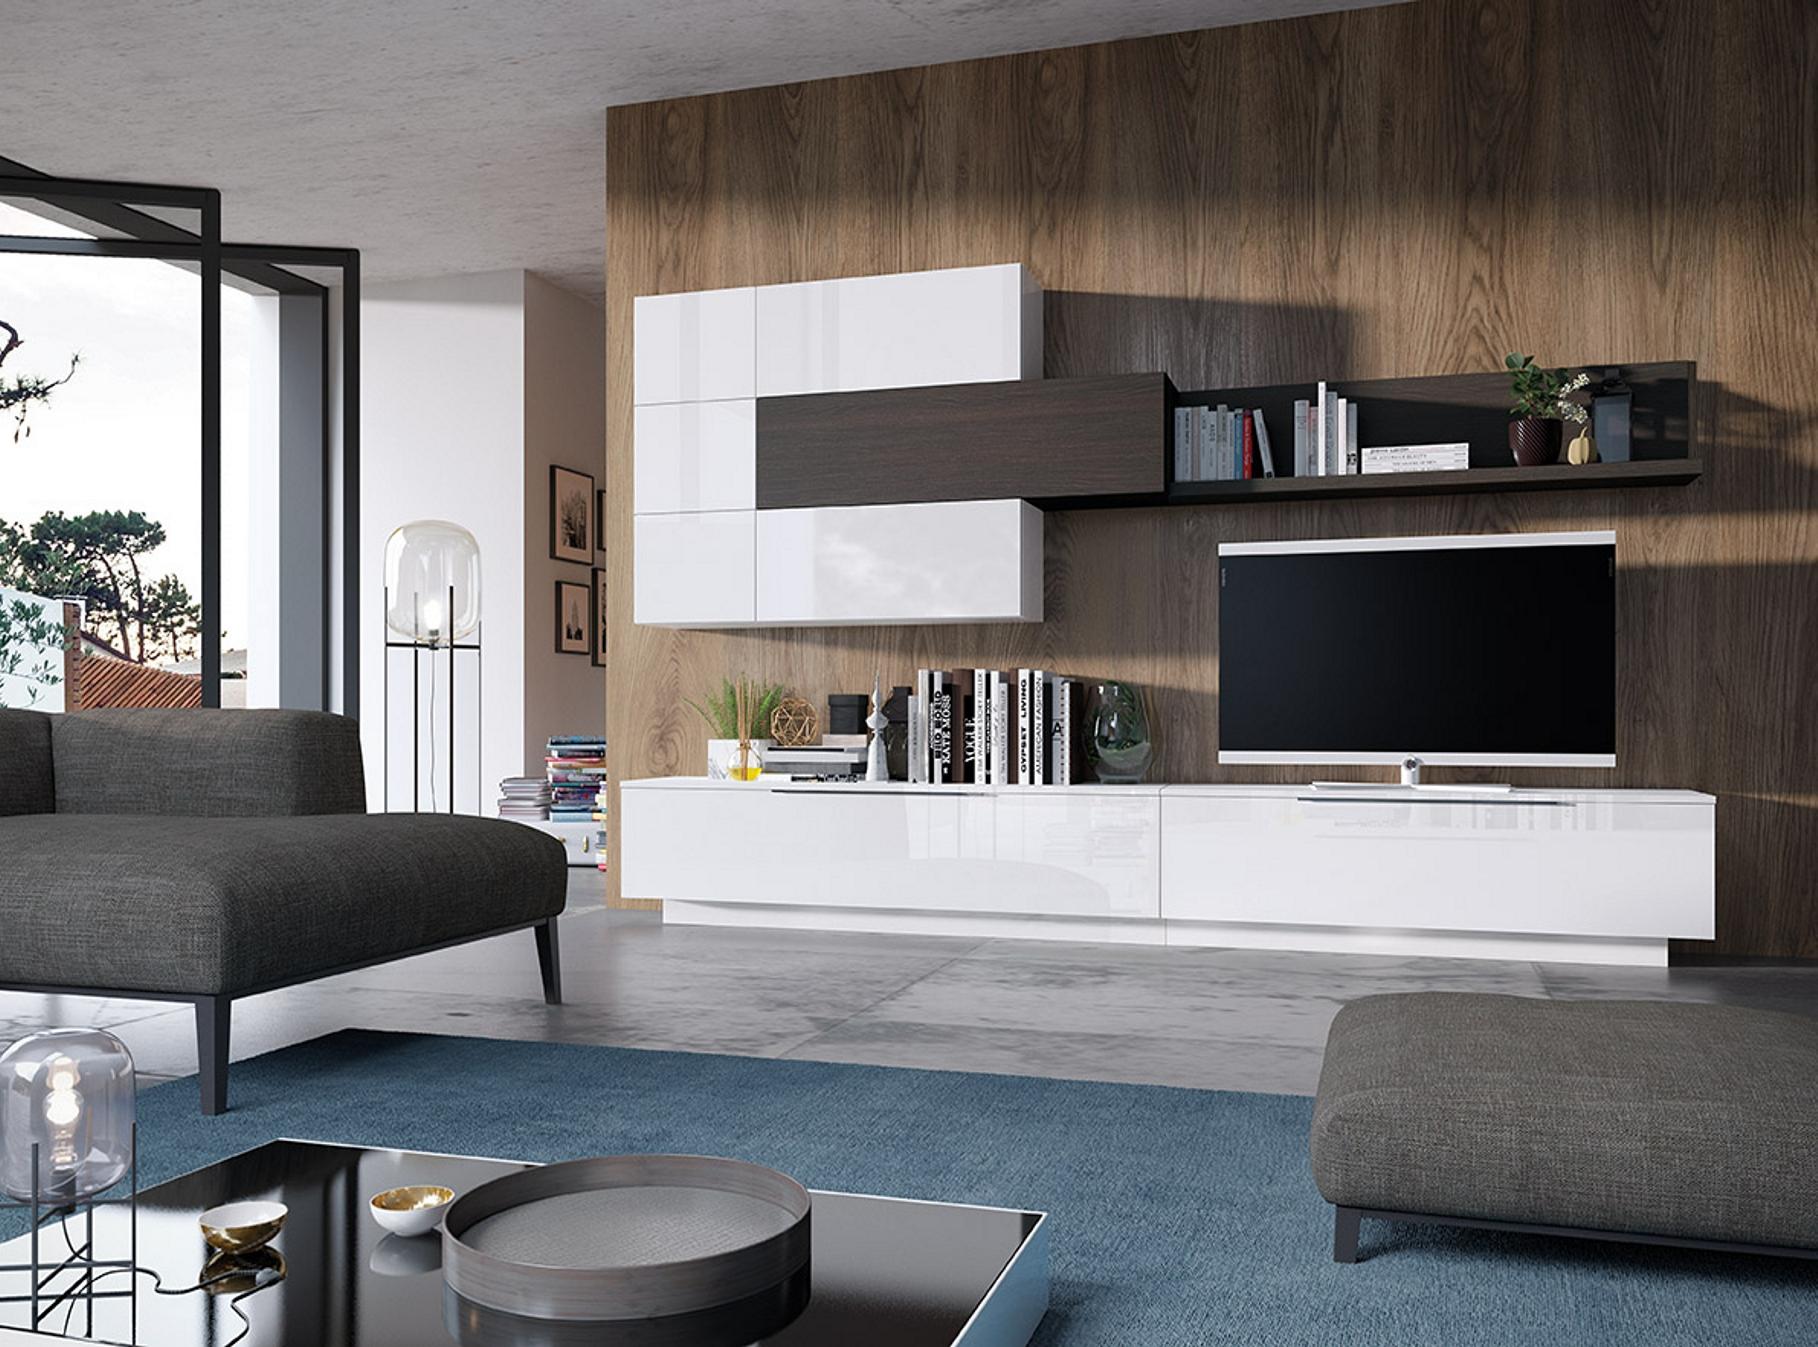 salon-moderno-Zion-3.0-muebles-paco-caballero-0907-5c8d32e2476f2